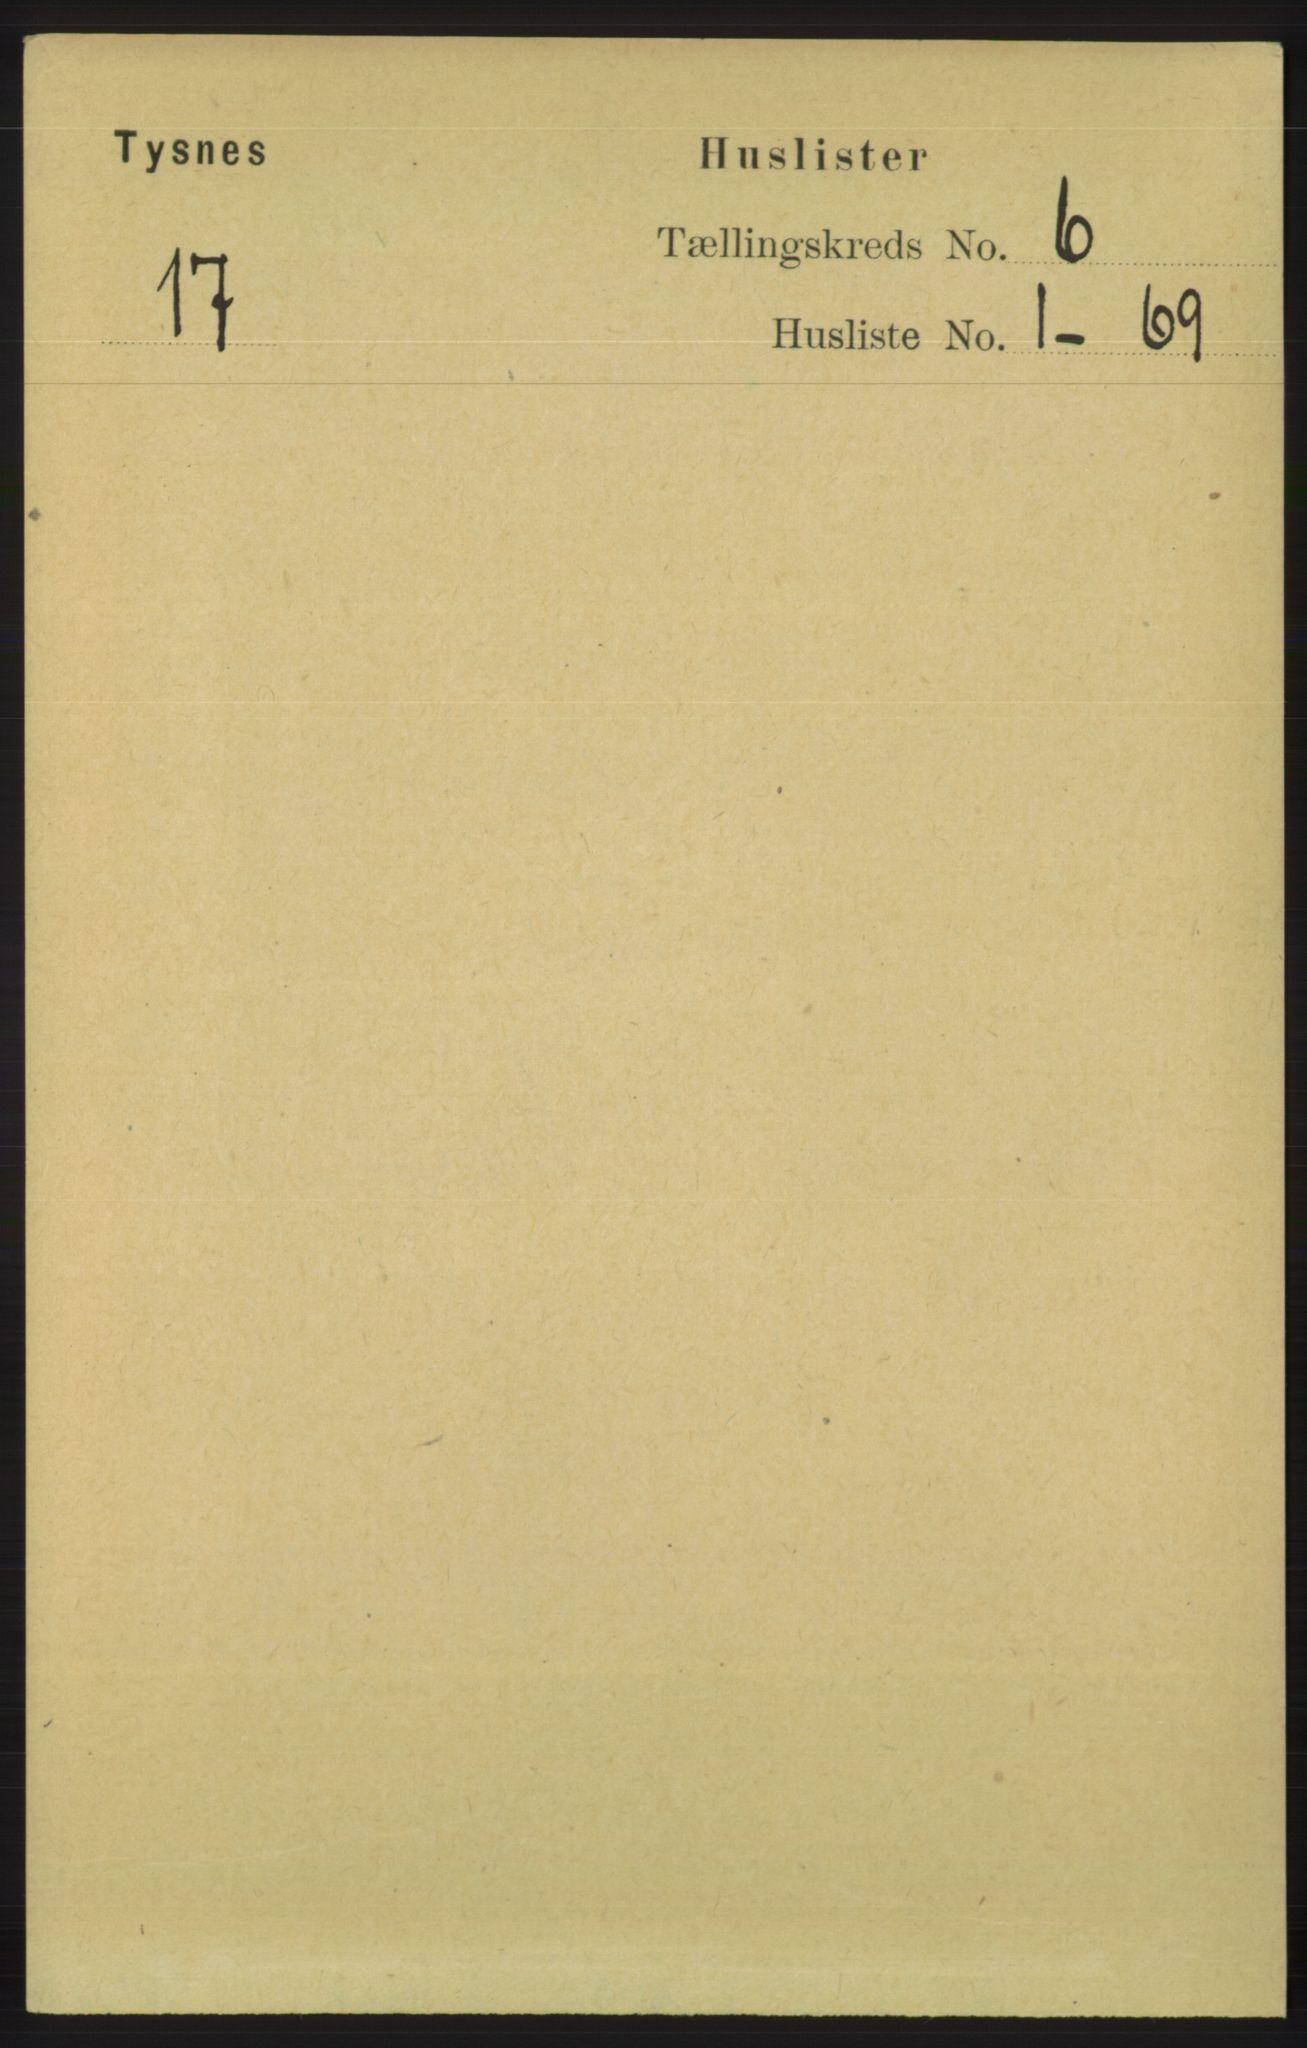 RA, Folketelling 1891 for 1223 Tysnes herred, 1891, s. 2299